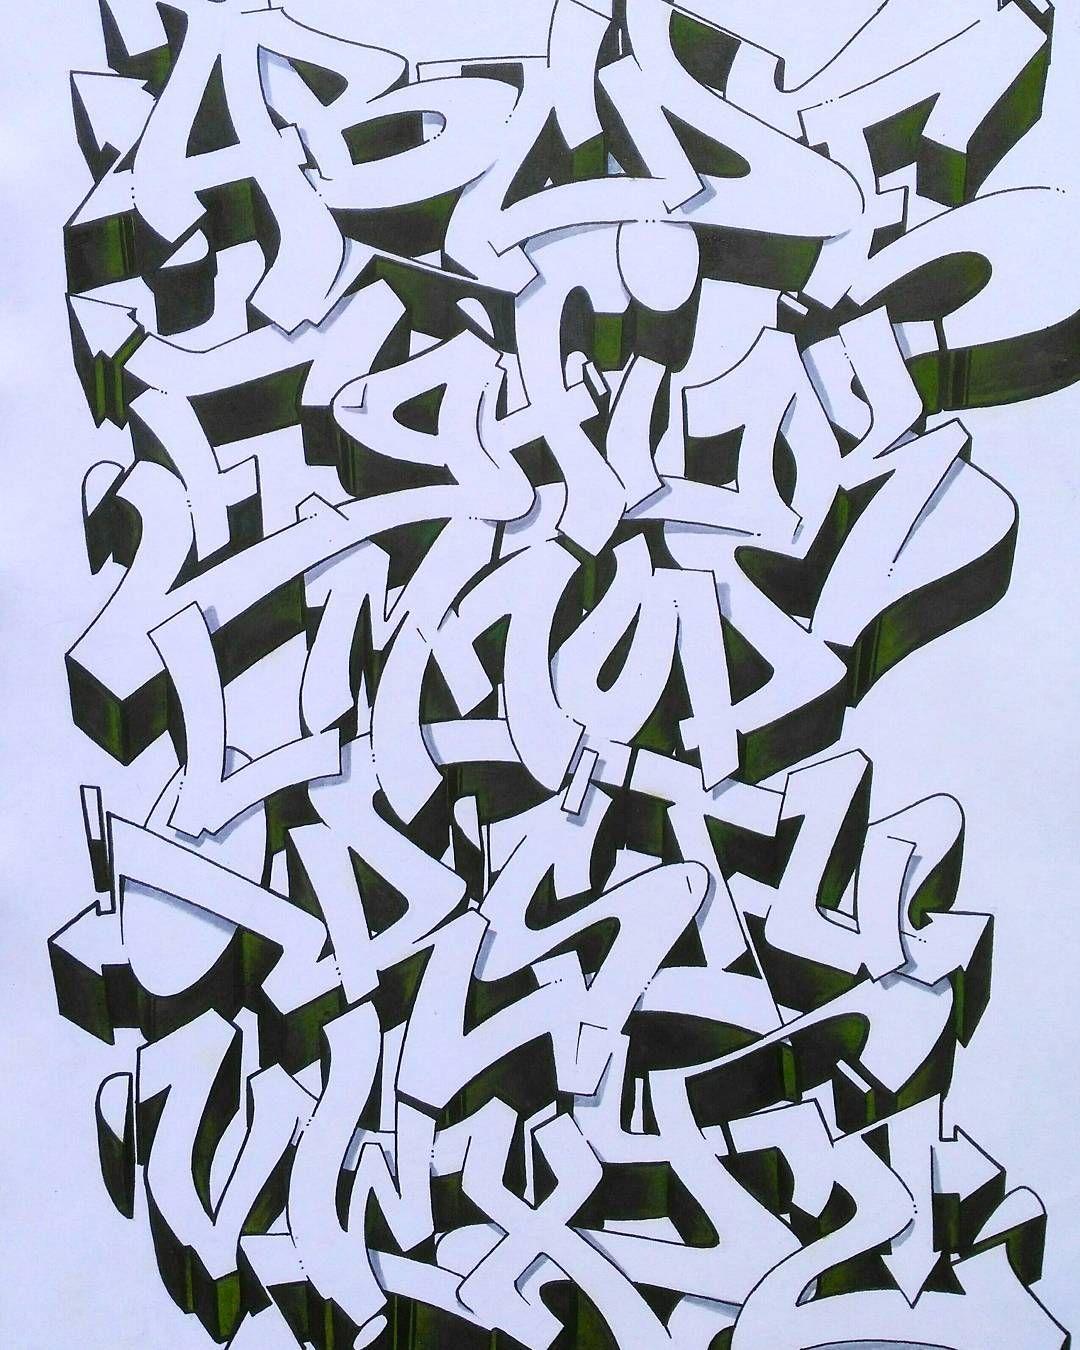 Alphabet Letters Graffiti Graff On Instagram In